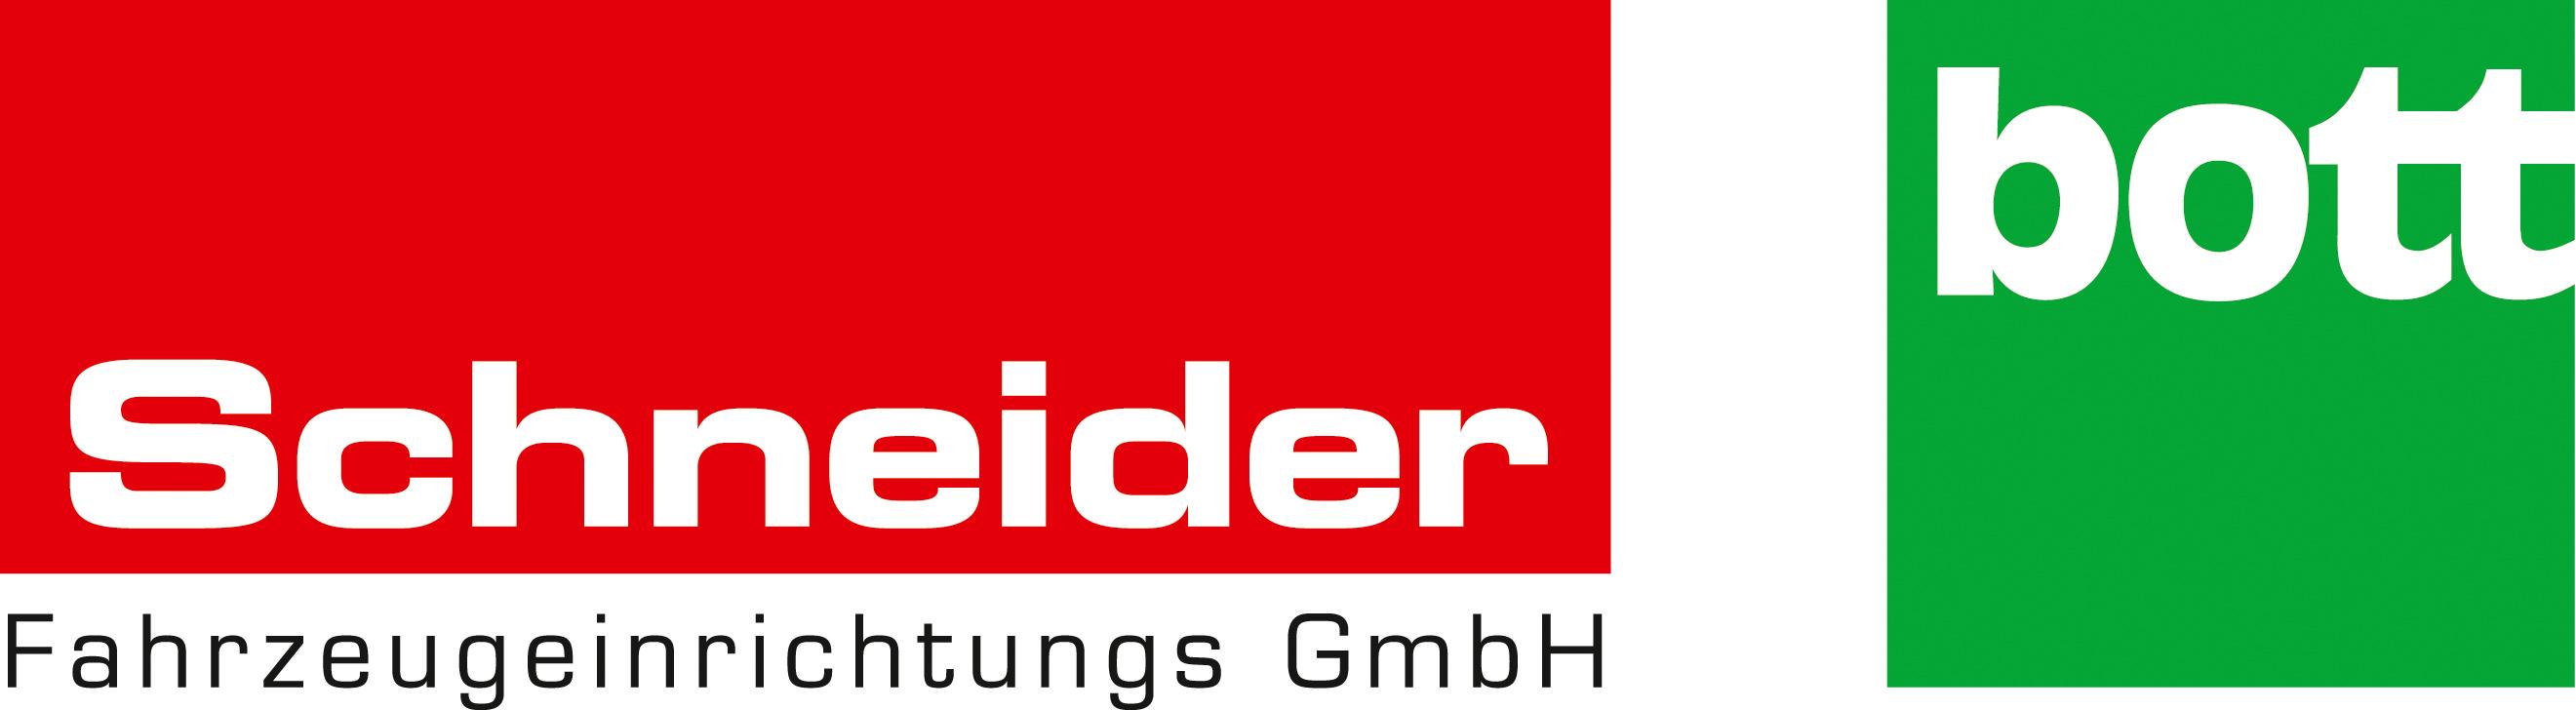 SchneiderBott